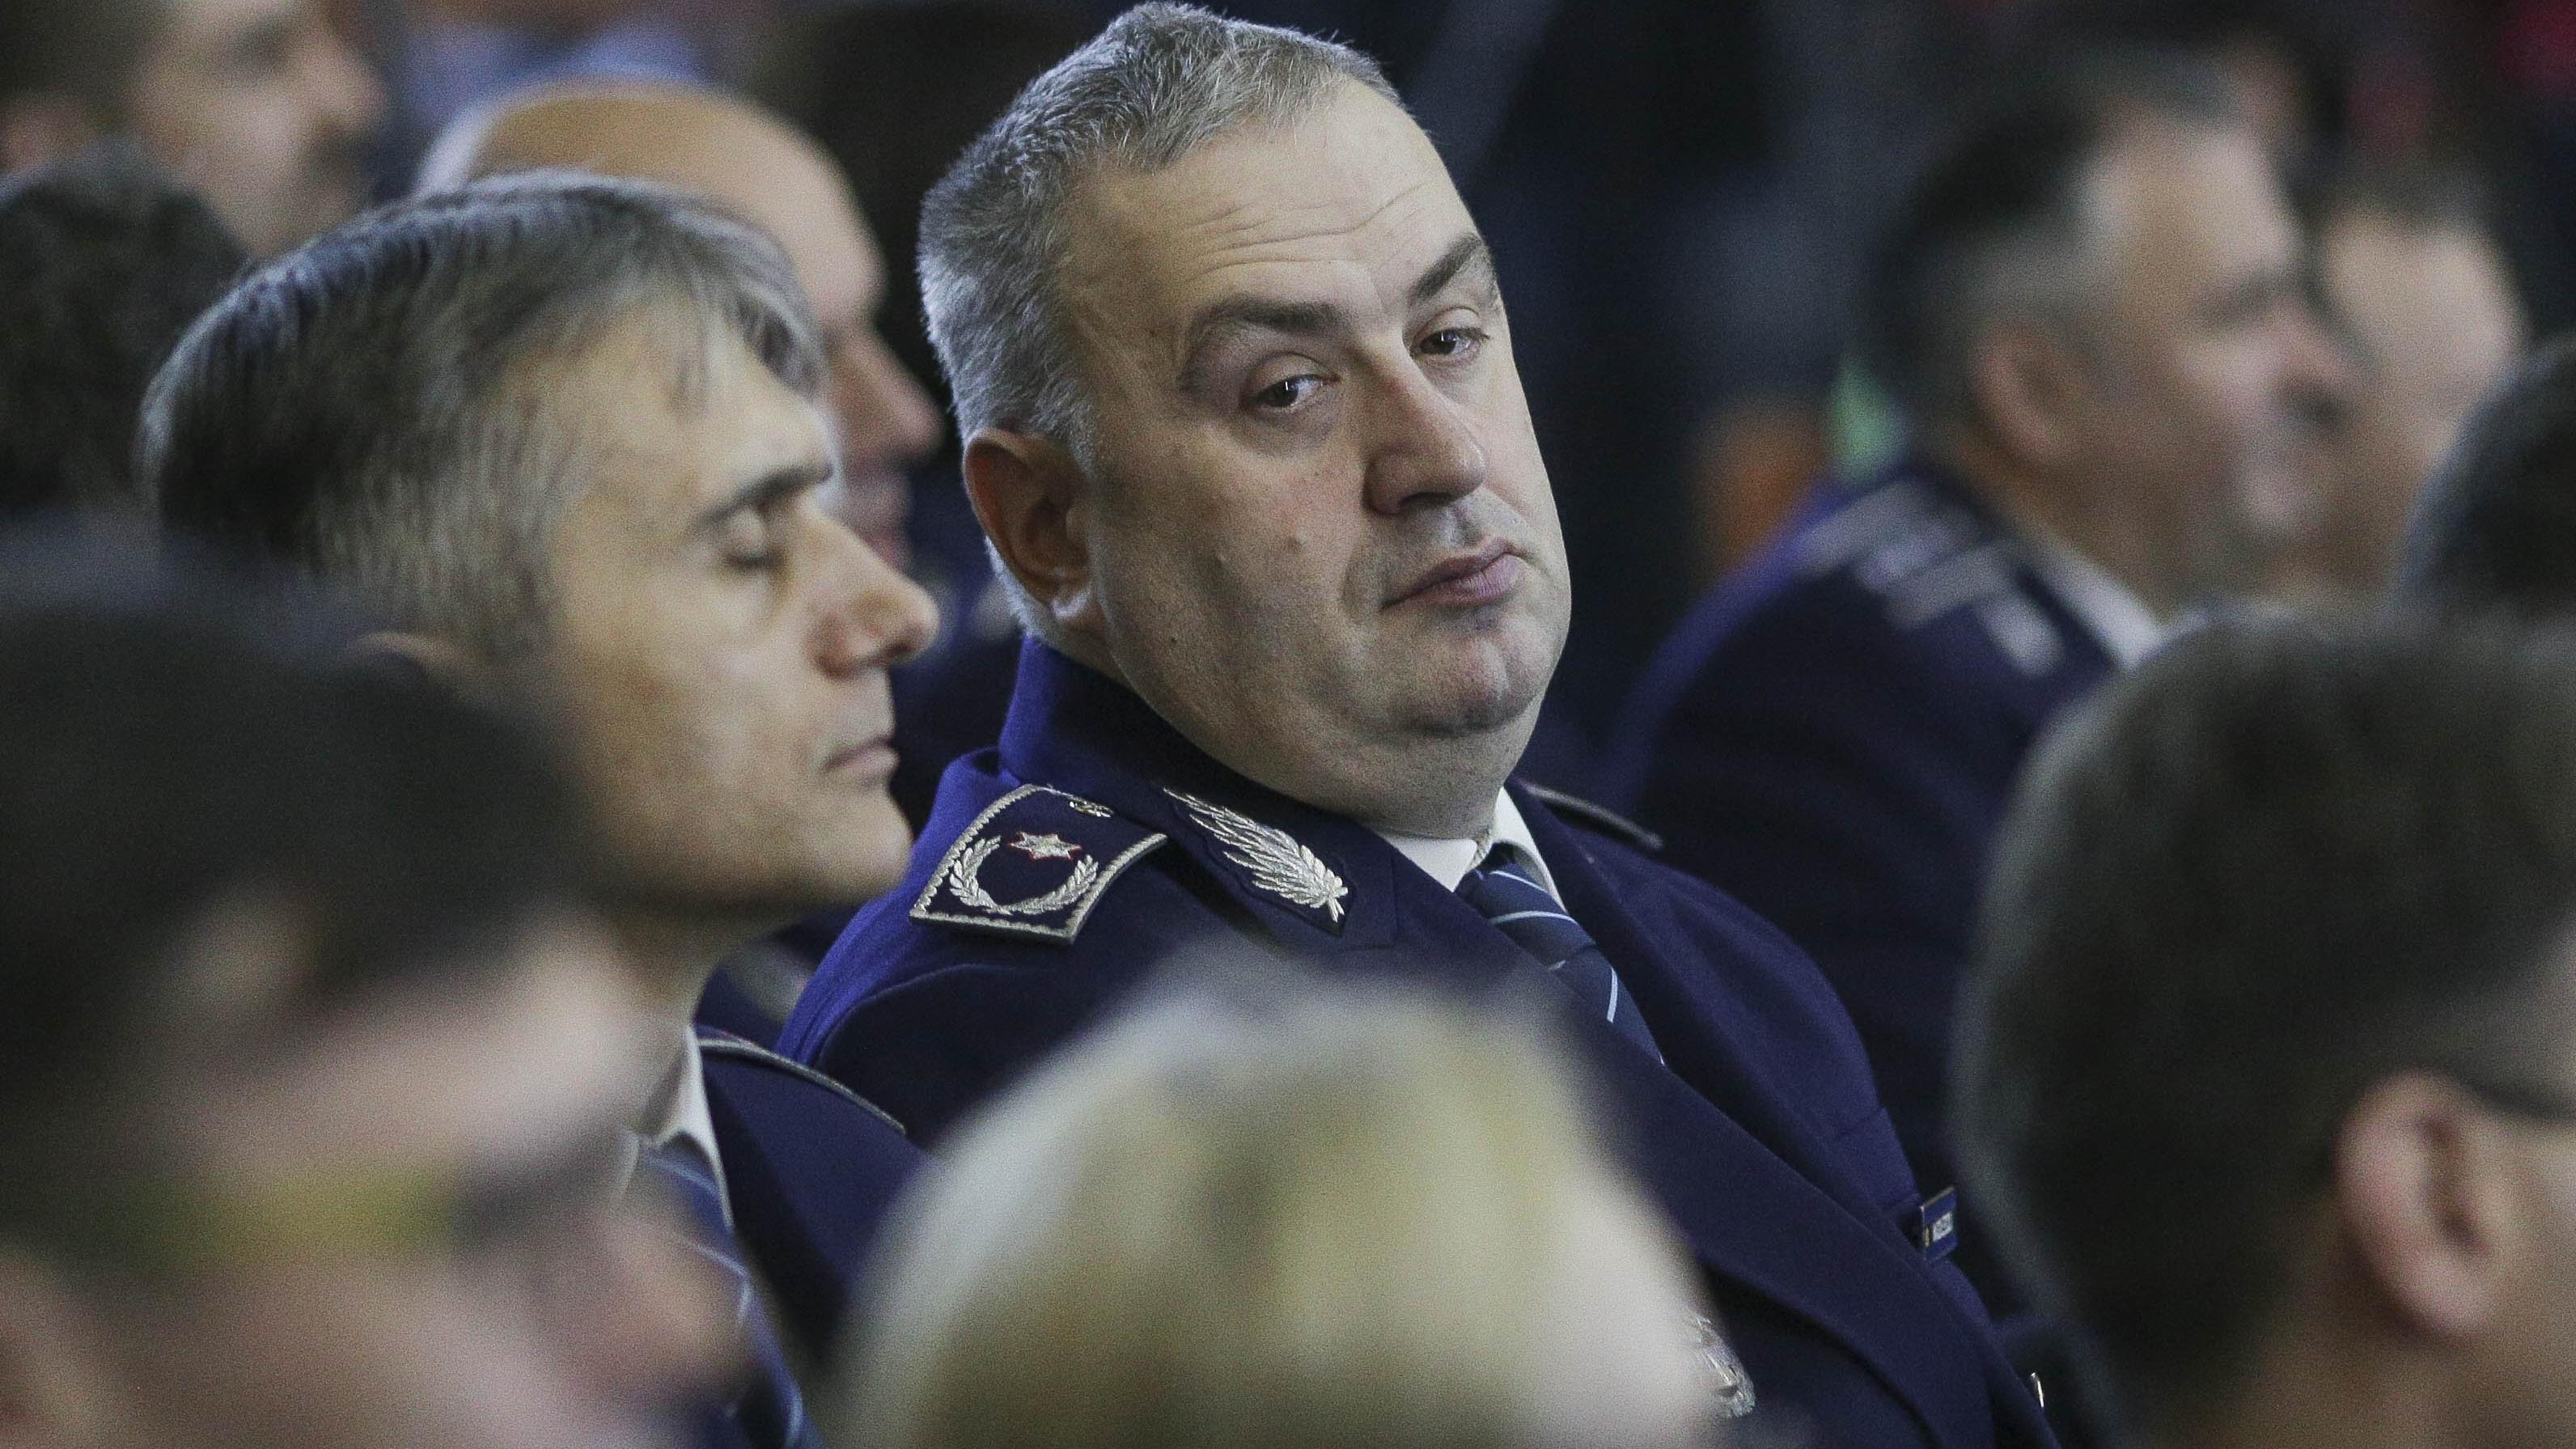 Chestorul Liviu Vasilescu, noul șef al Poliției Române